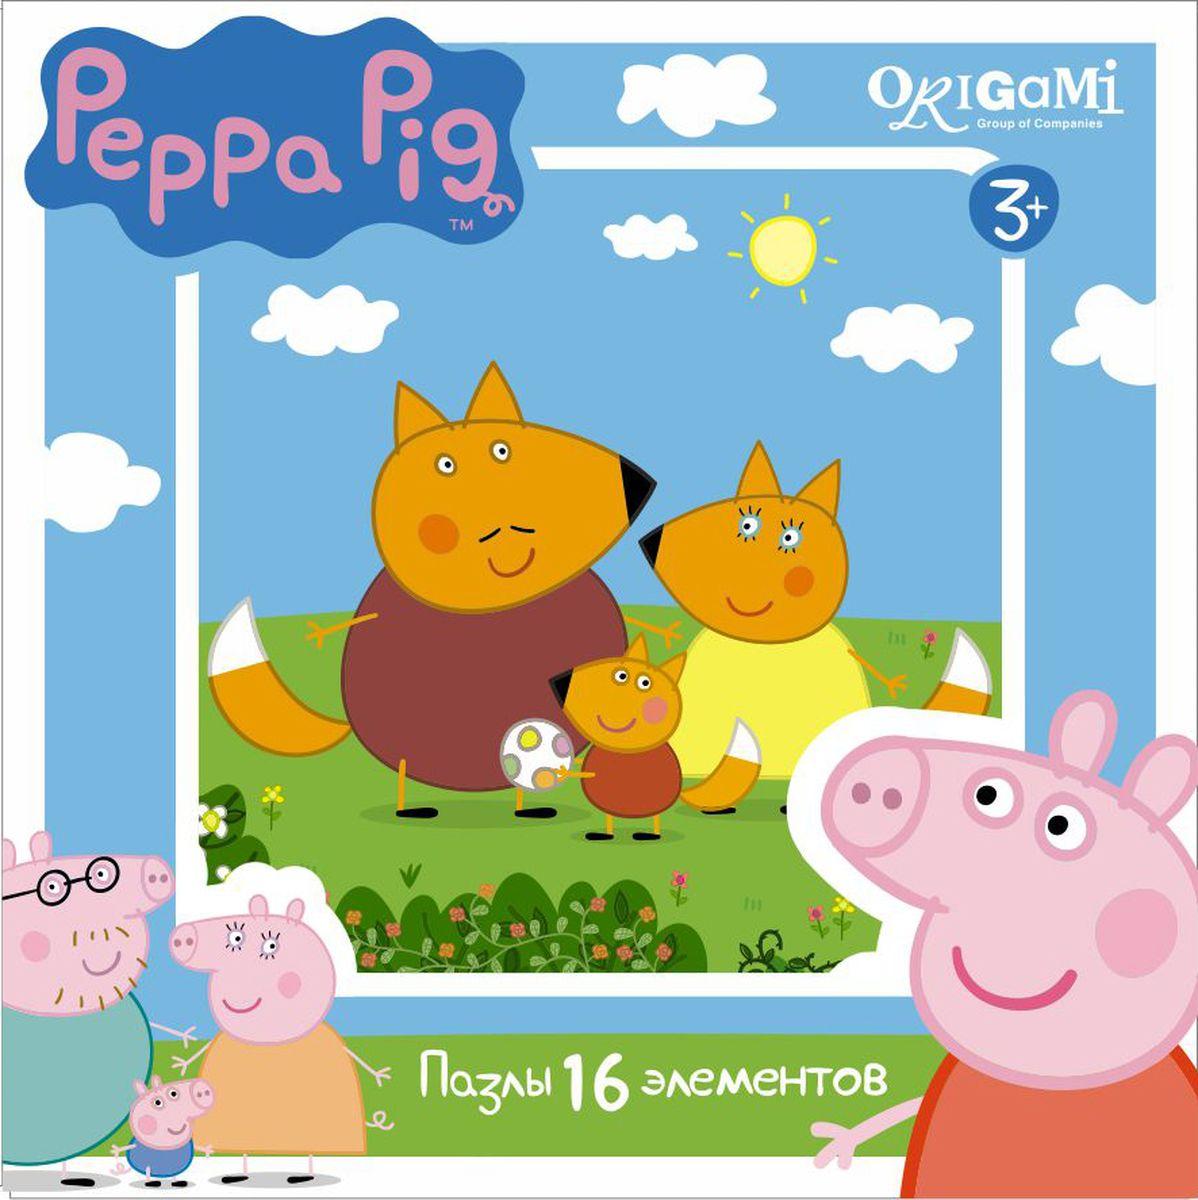 Оригами Пазл для малышей Peppa Pig 01579 оригами пазл для малышей peppa pig 4 в 1 транспорт